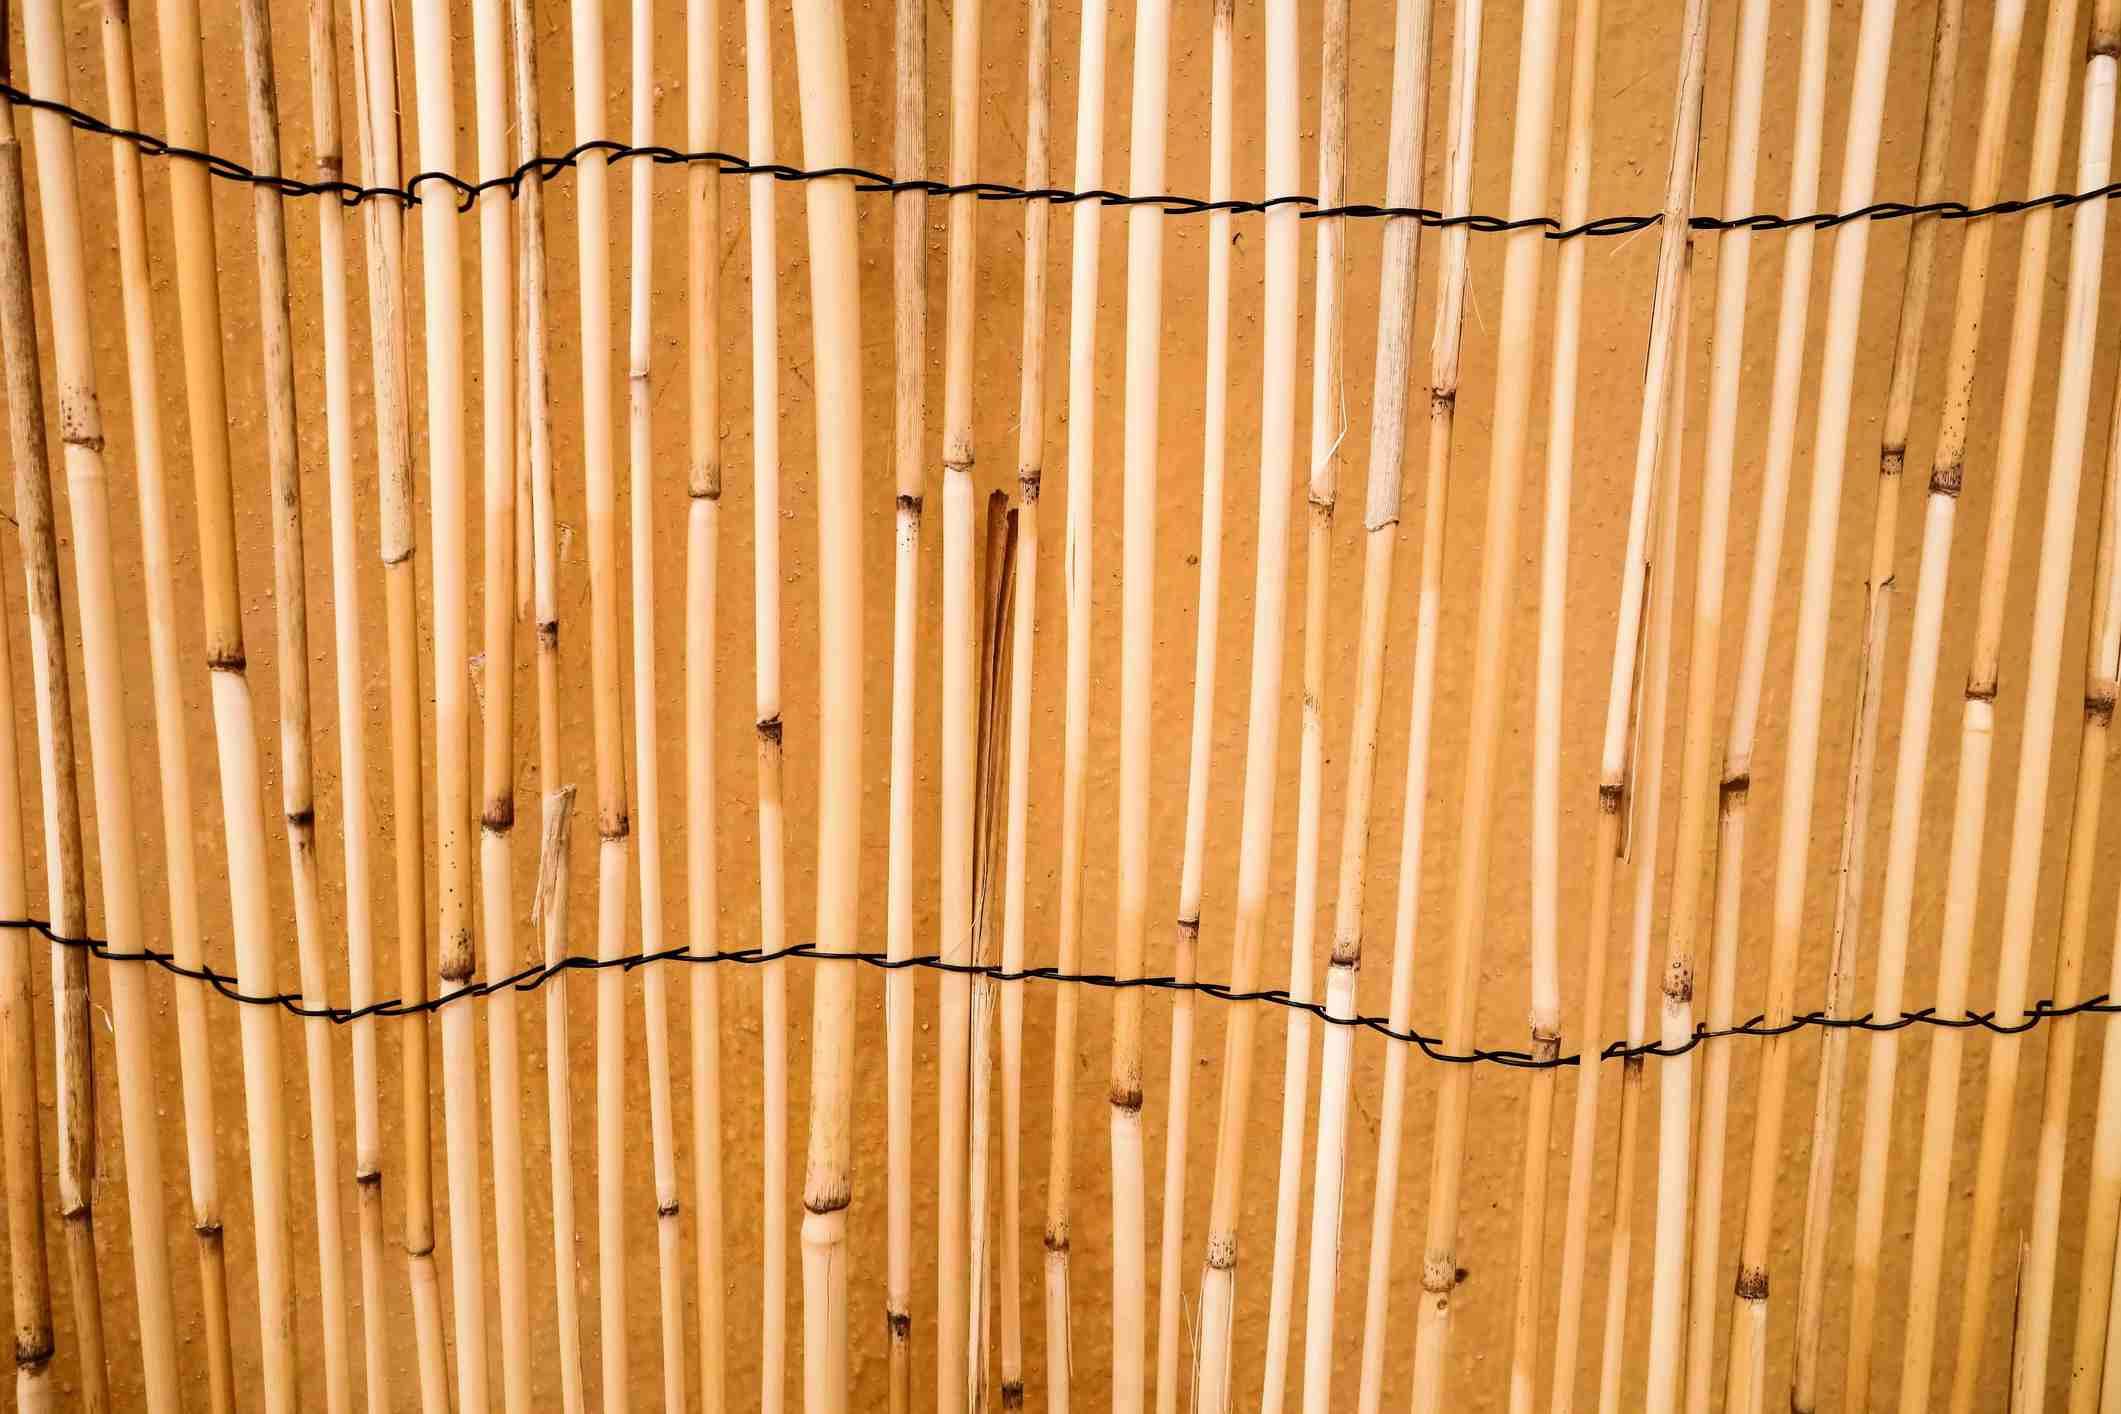 Cerca de caña de bambú